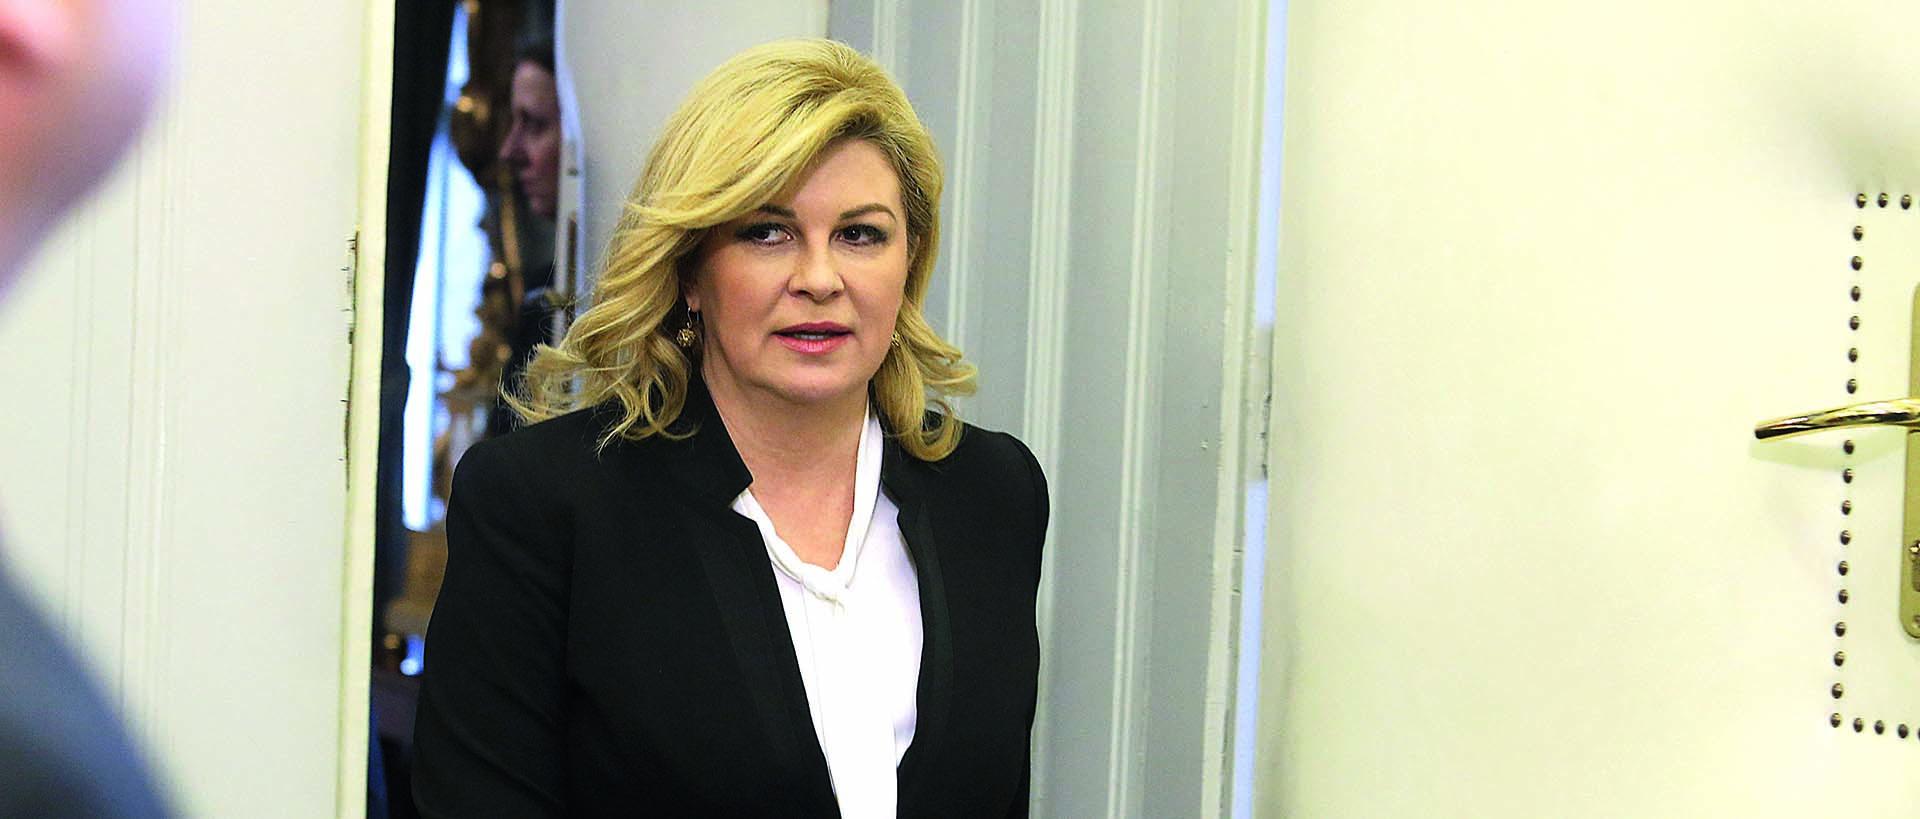 Grabar Kitarović s Bartolomejem I.: Ne manipulirati brojem žrtava Jasenovca